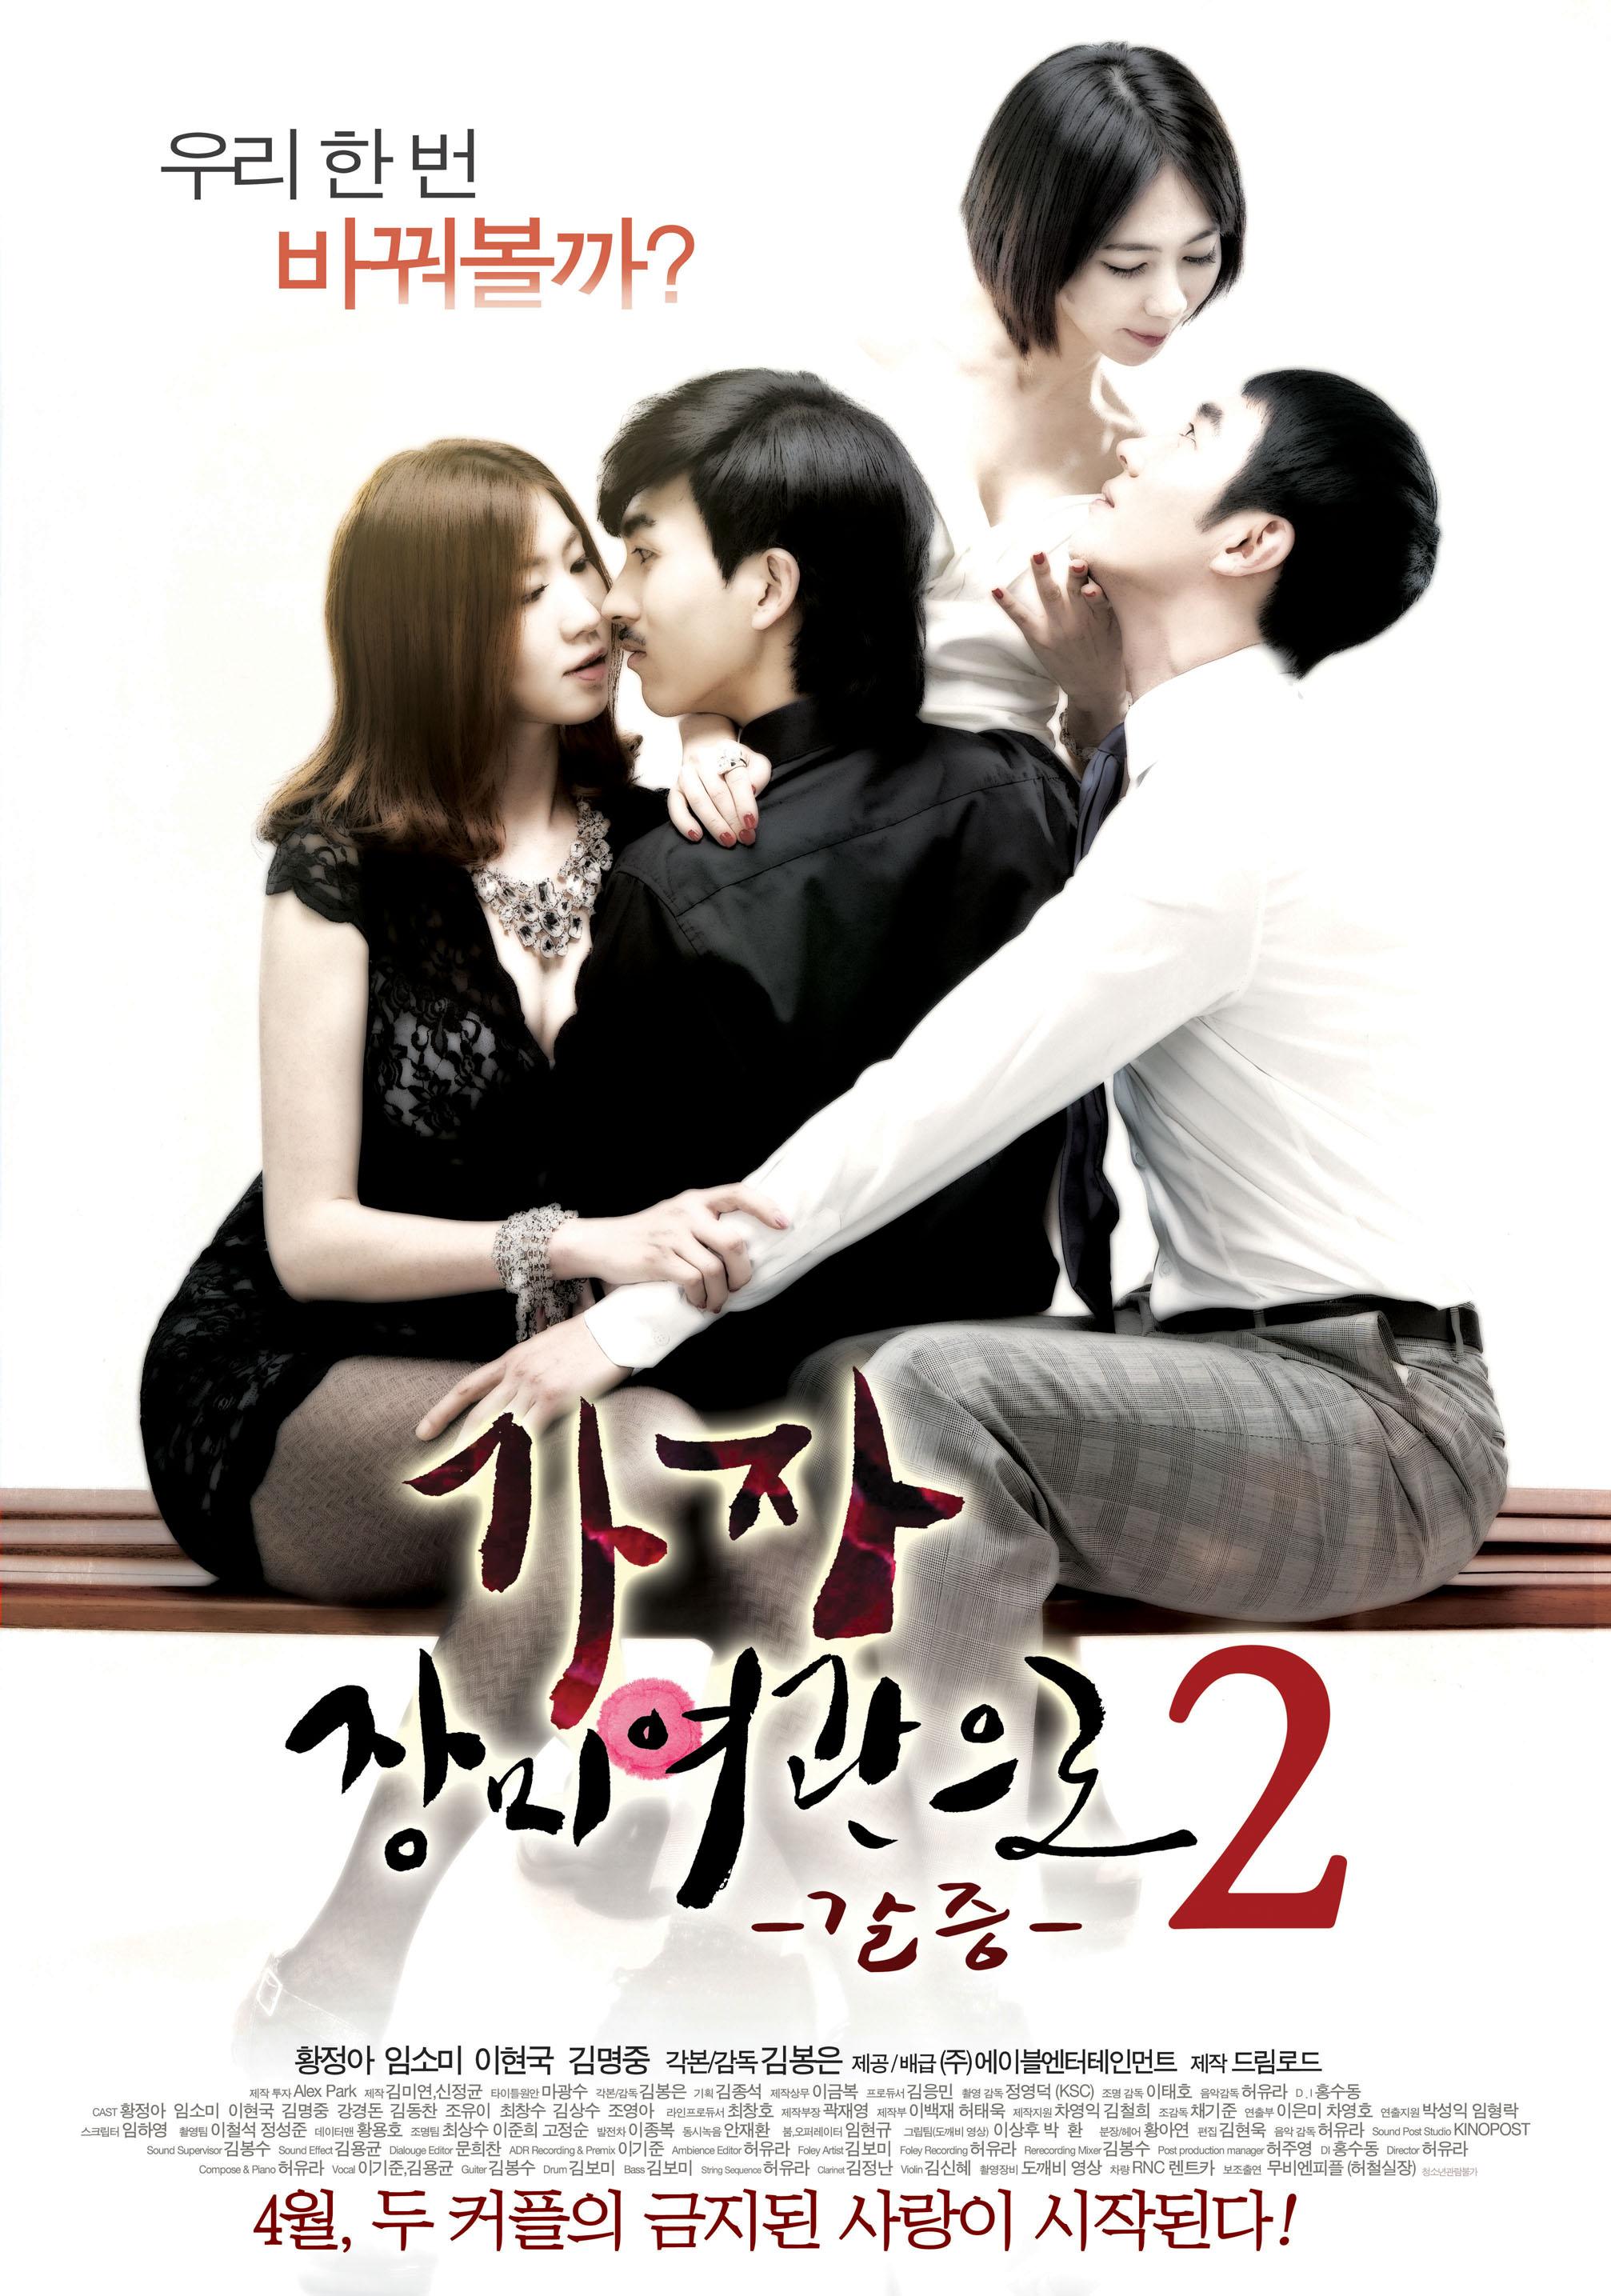 가자! 장미여관으로 2 - 갈증 (2014)